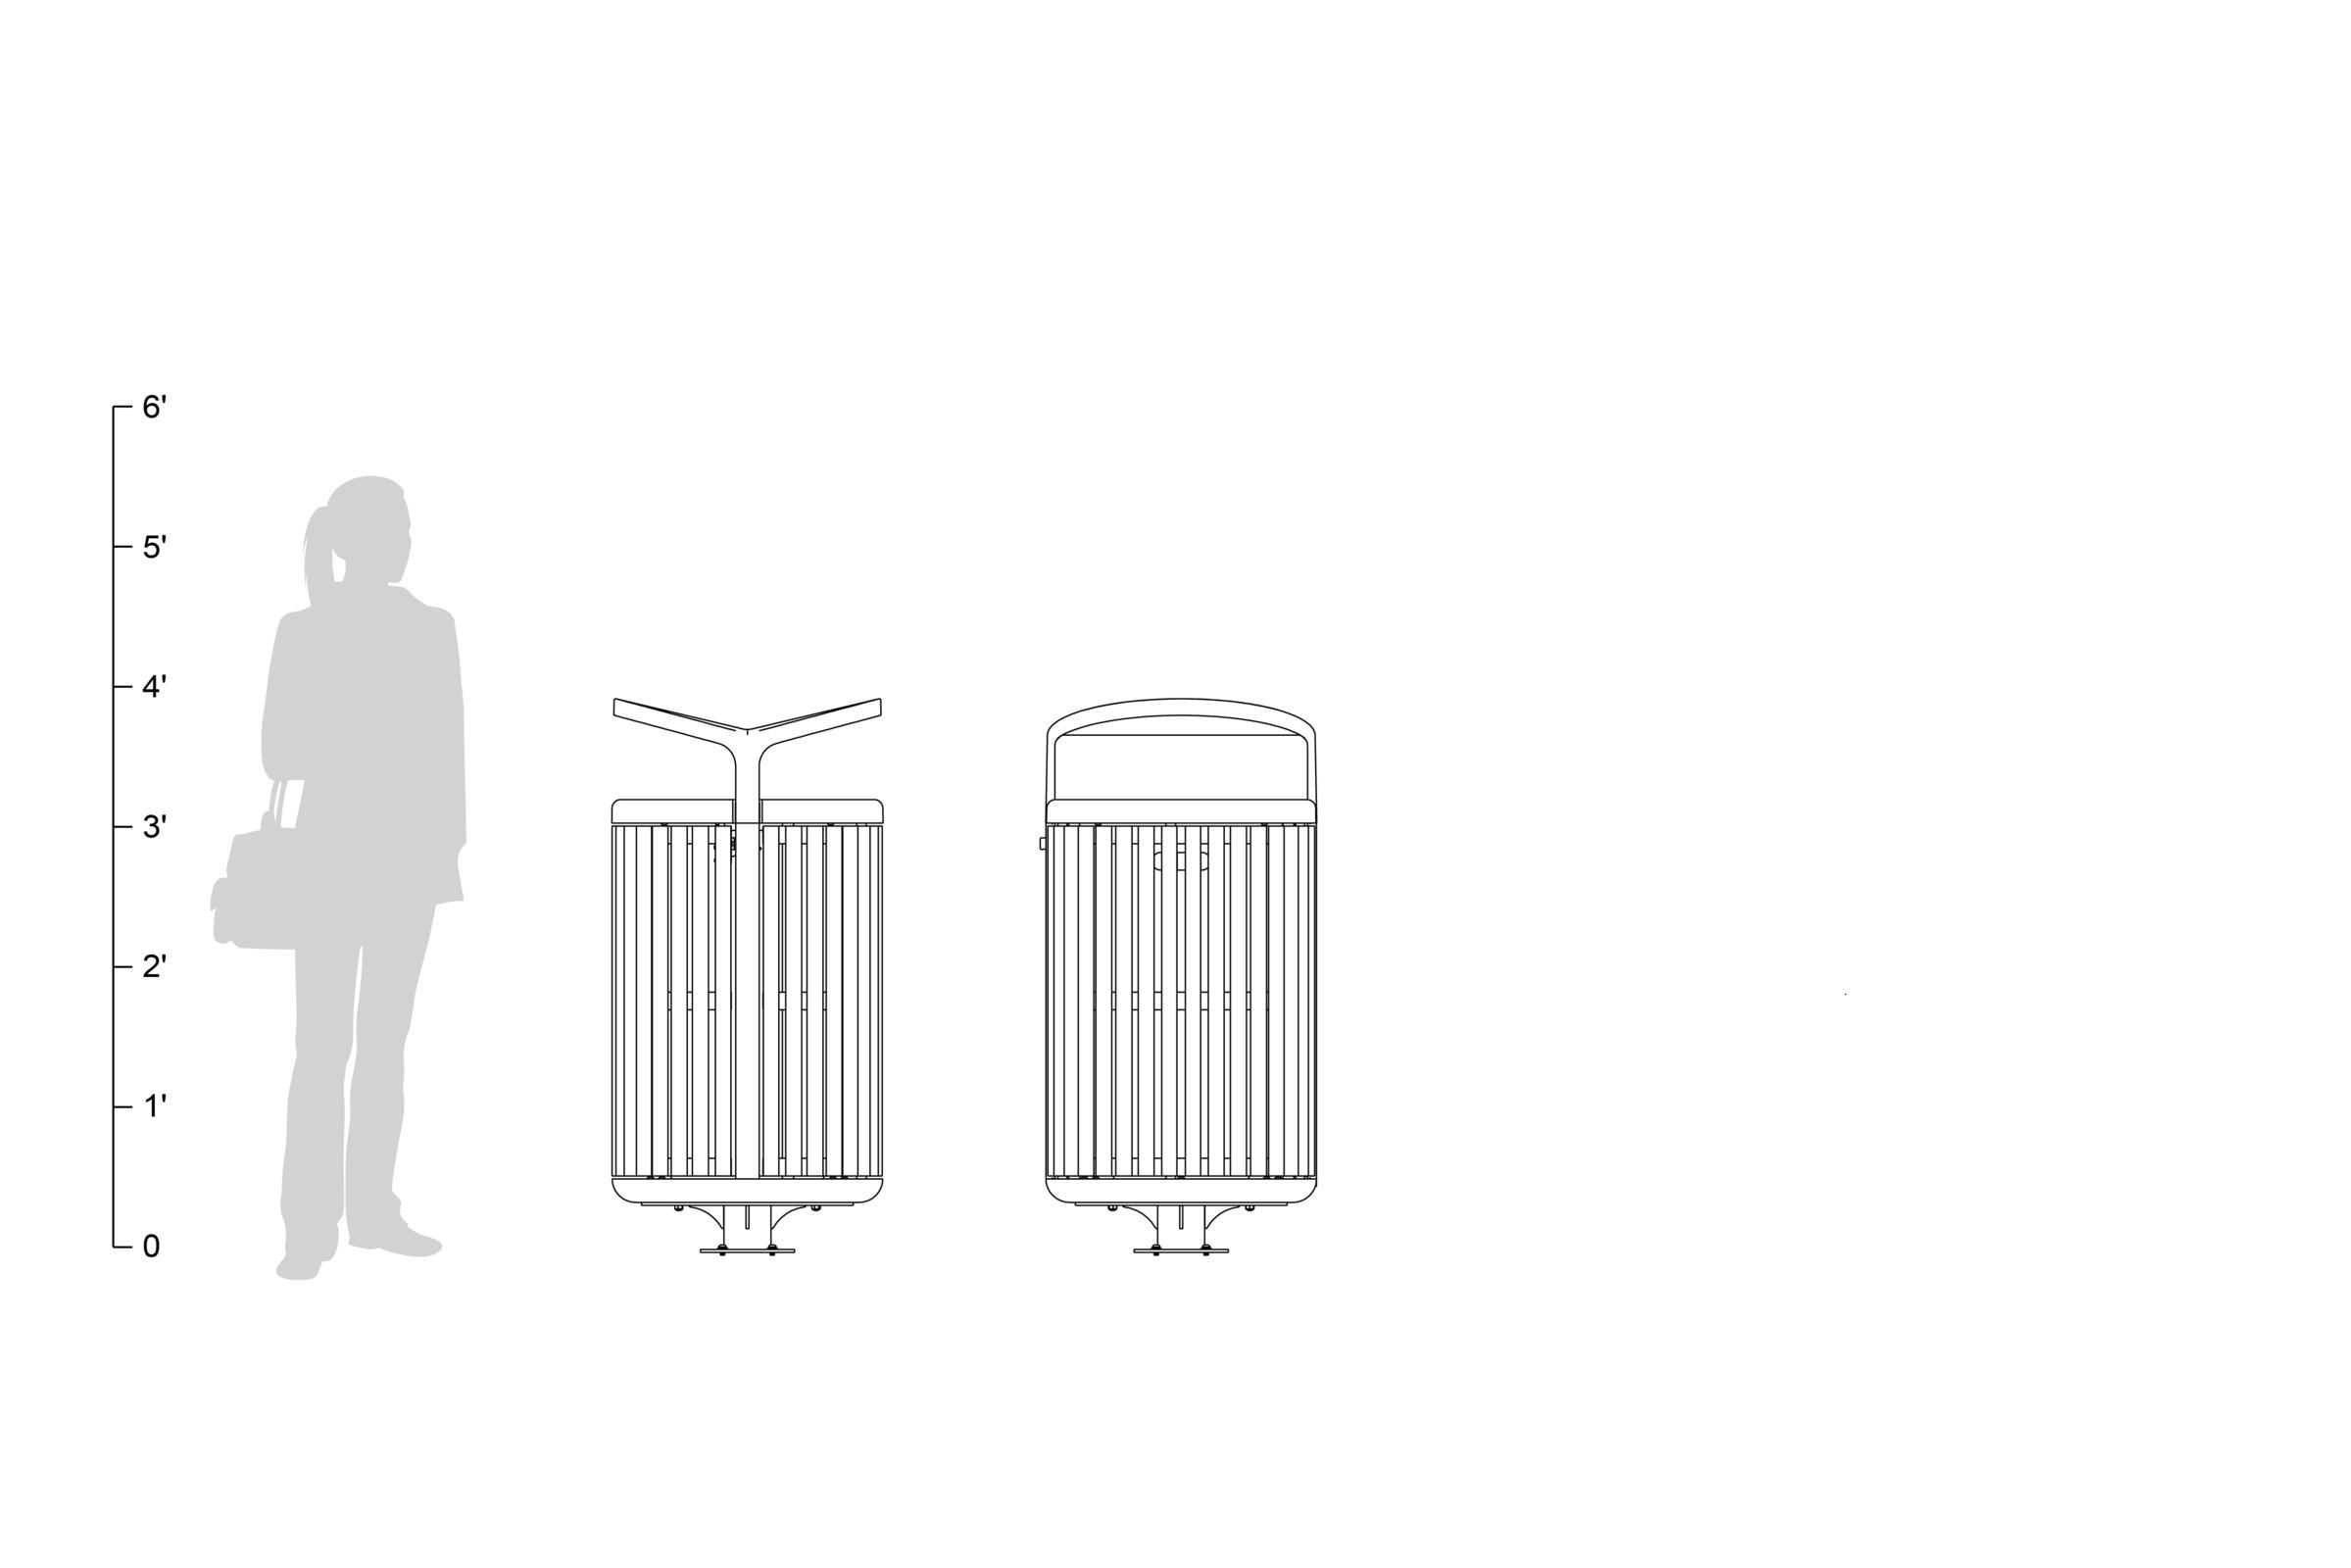 Tonyo Receptacle, 30-gallon, FSC® 100% Cumaru hardwood body/door, shown to scale